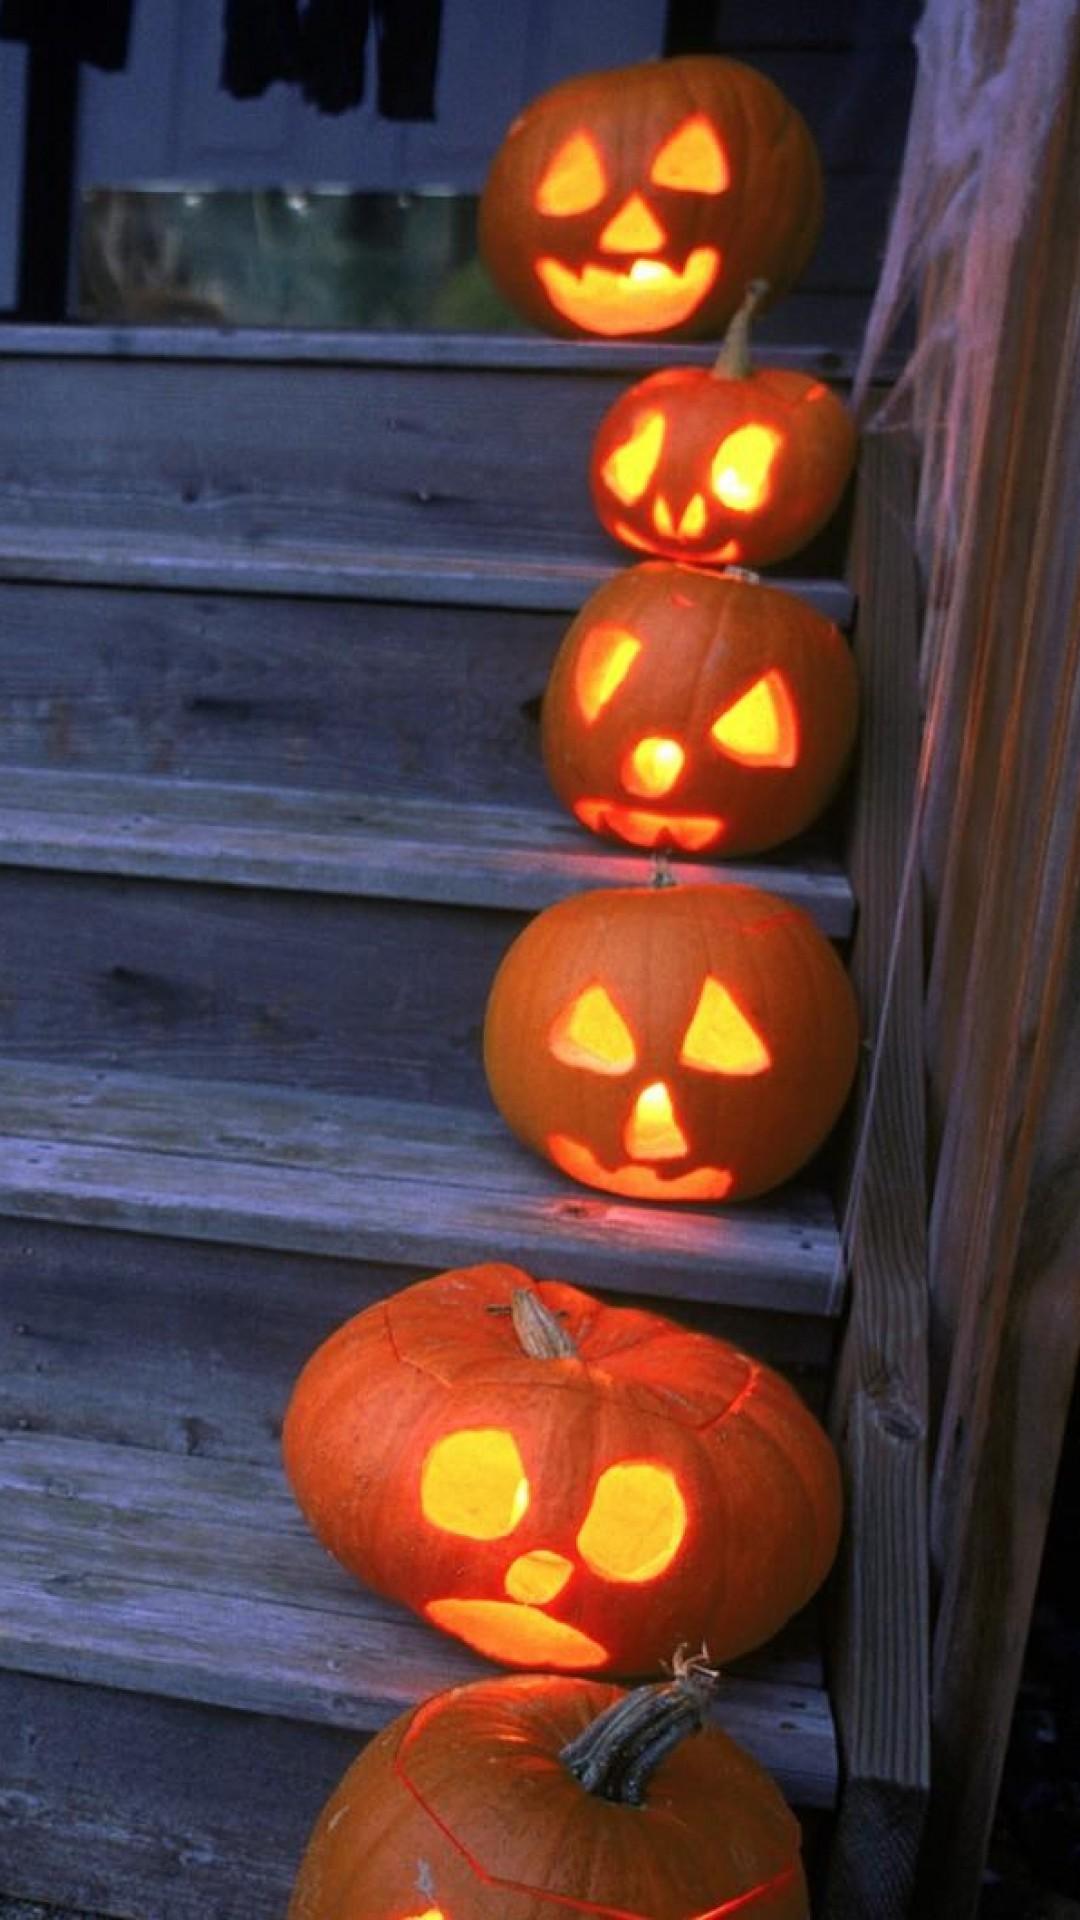 Great Wallpaper Halloween Ios - 827377-halloween-picture-backgrounds-1080x1920-meizu  Pictures_491117.jpg